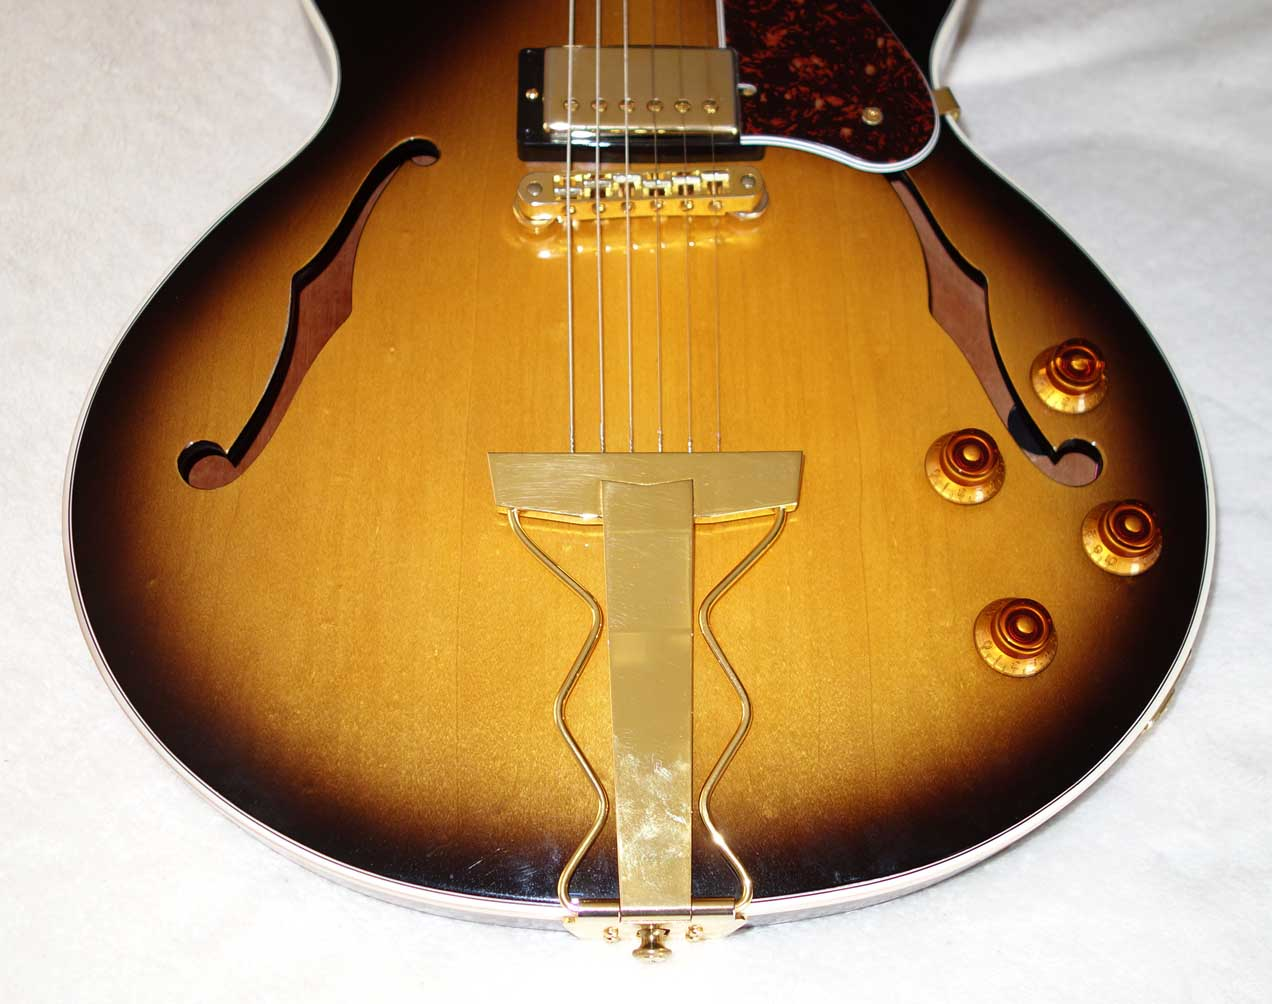 2013 Gibson Midtown Kalamazoo Limited Edition Byrdland / ES-350 Tribute, w/Hardshell Case